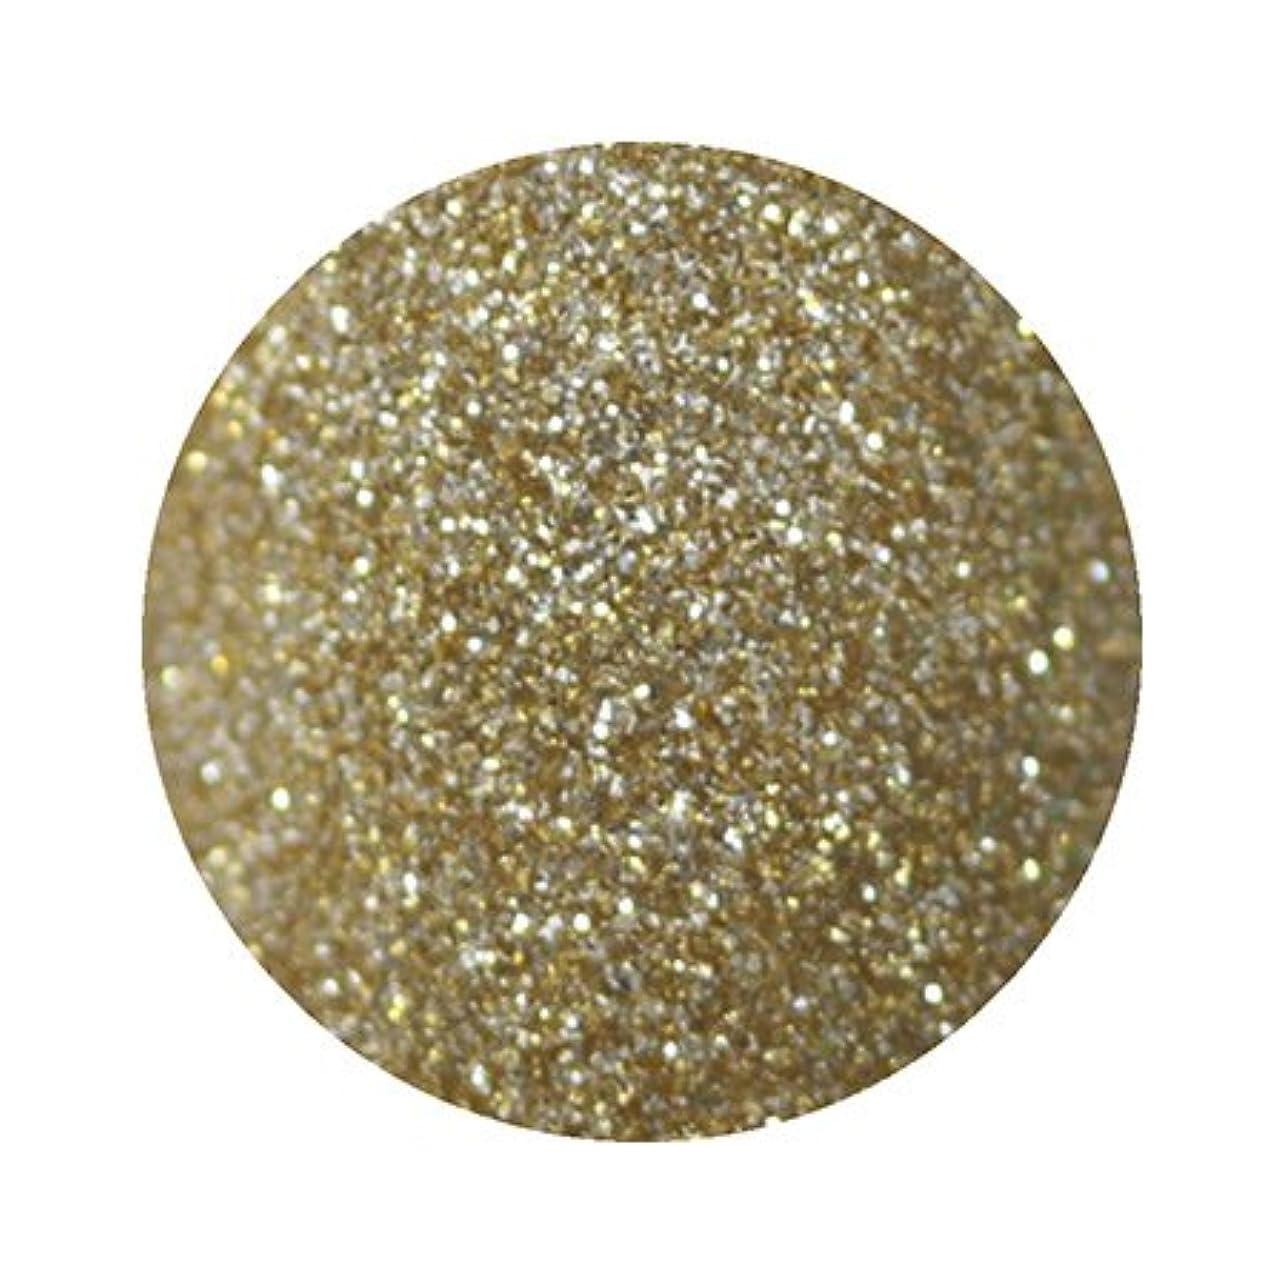 ブレーキバーストコークスパラポリッシュ ハイブリッドカラージェル GOLD(ゴールド) 7g